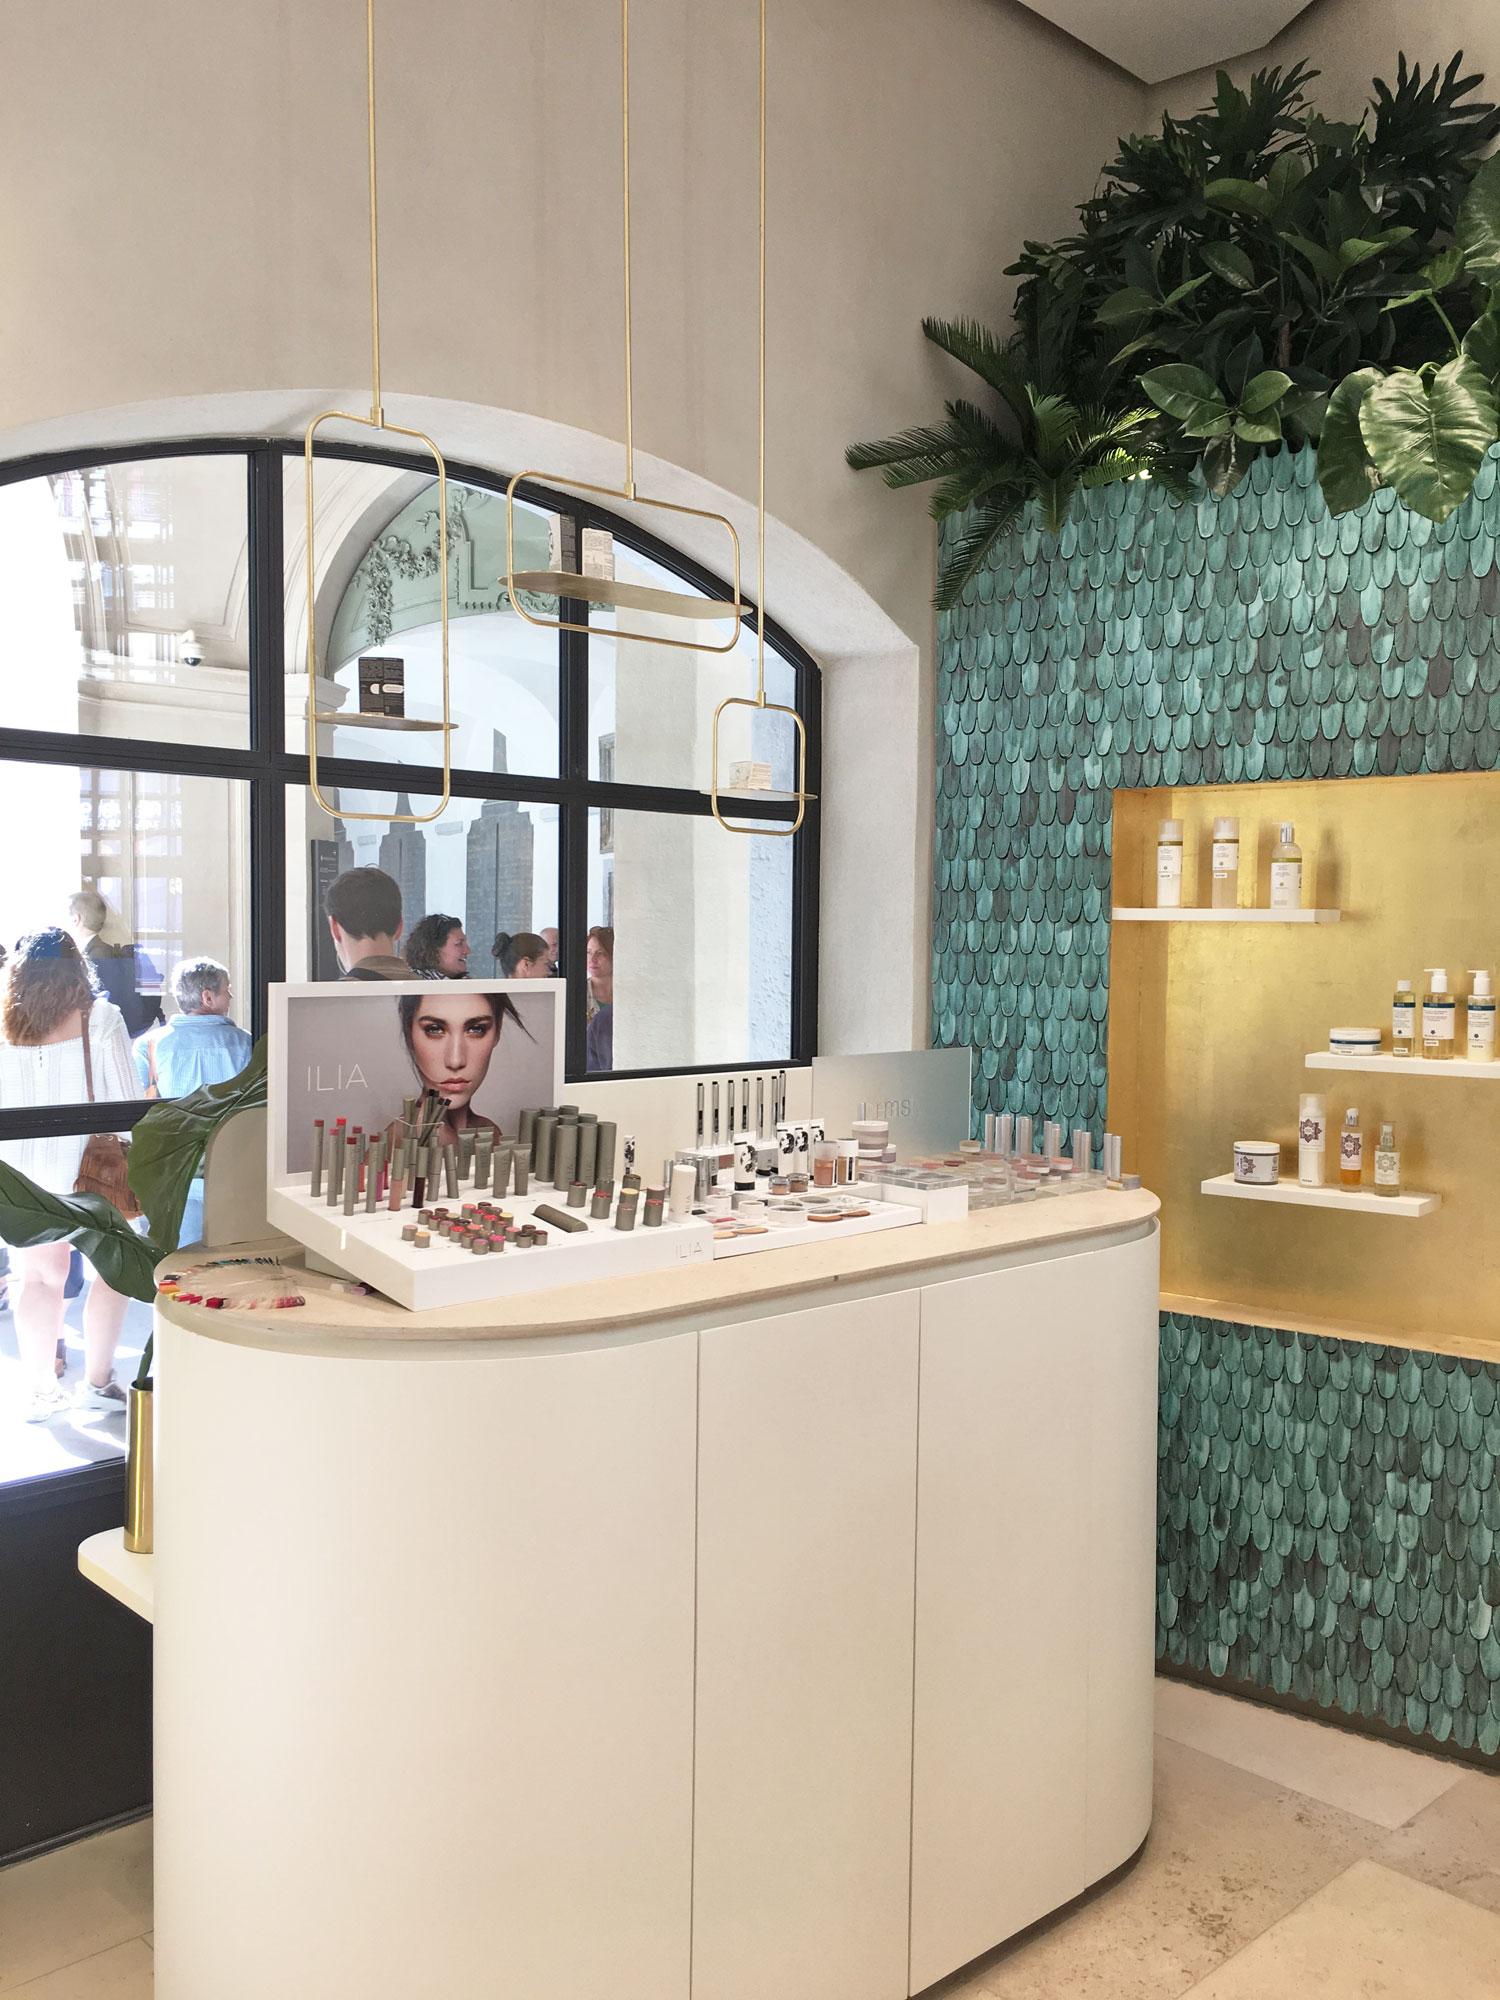 dd00f70b8a3 Boutique Ecocentric de cosmétiques bio et naturelles à Lyon 2 presqu île